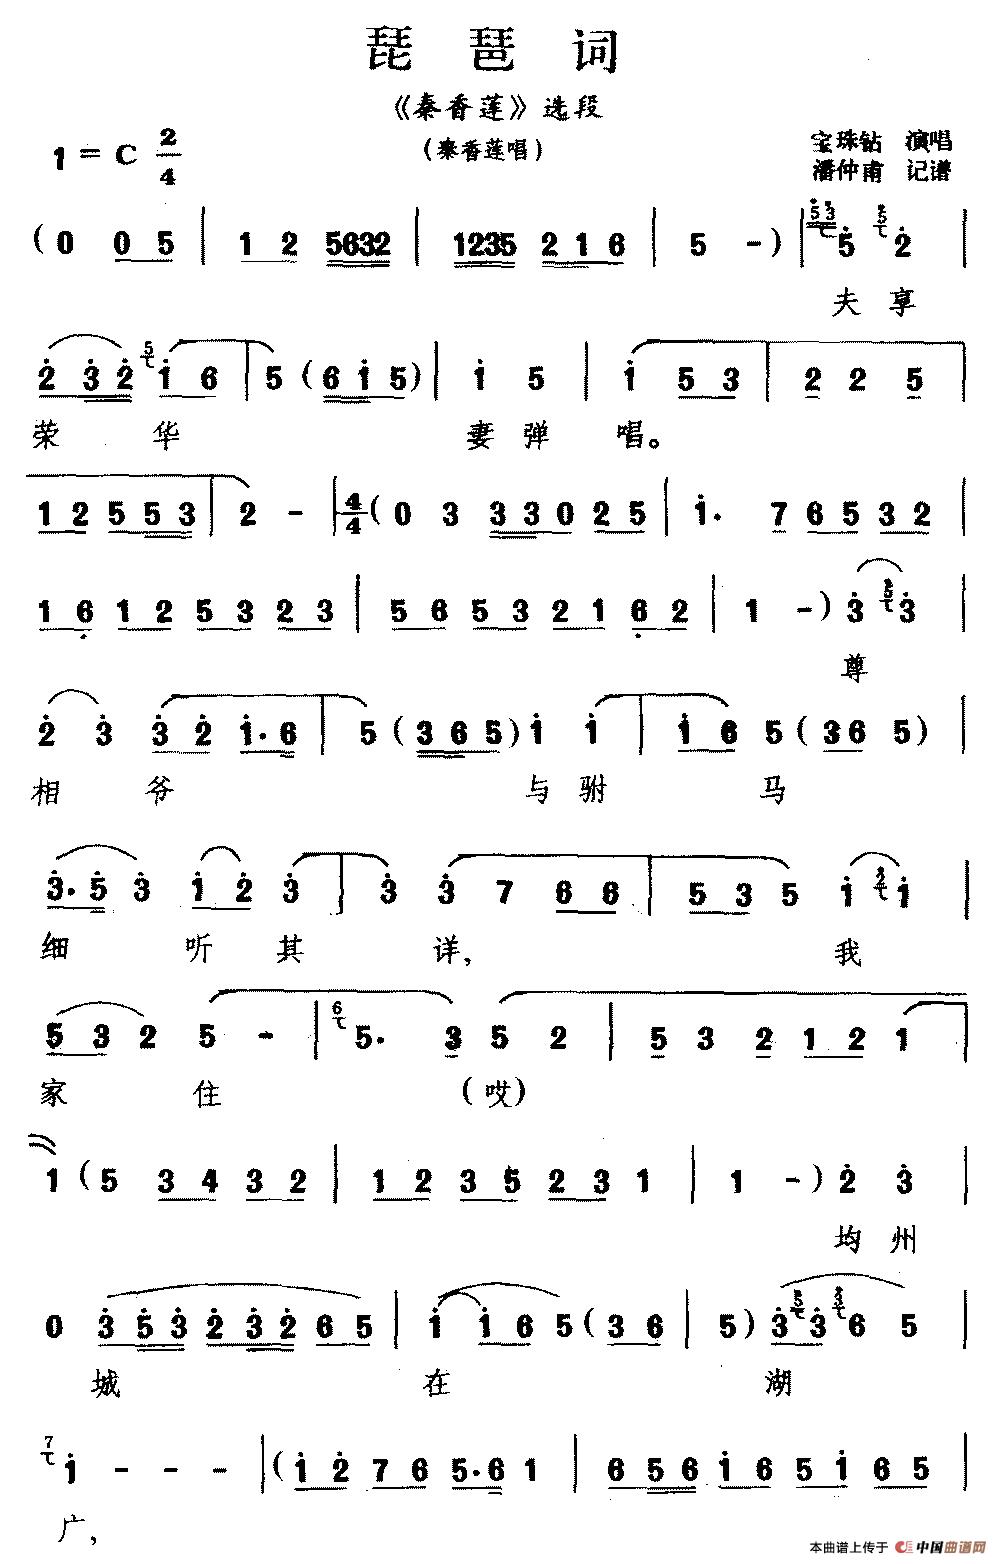 琵琶词戏曲谱 秦香莲 秦香莲唱段 戏曲曲谱 中国曲谱网